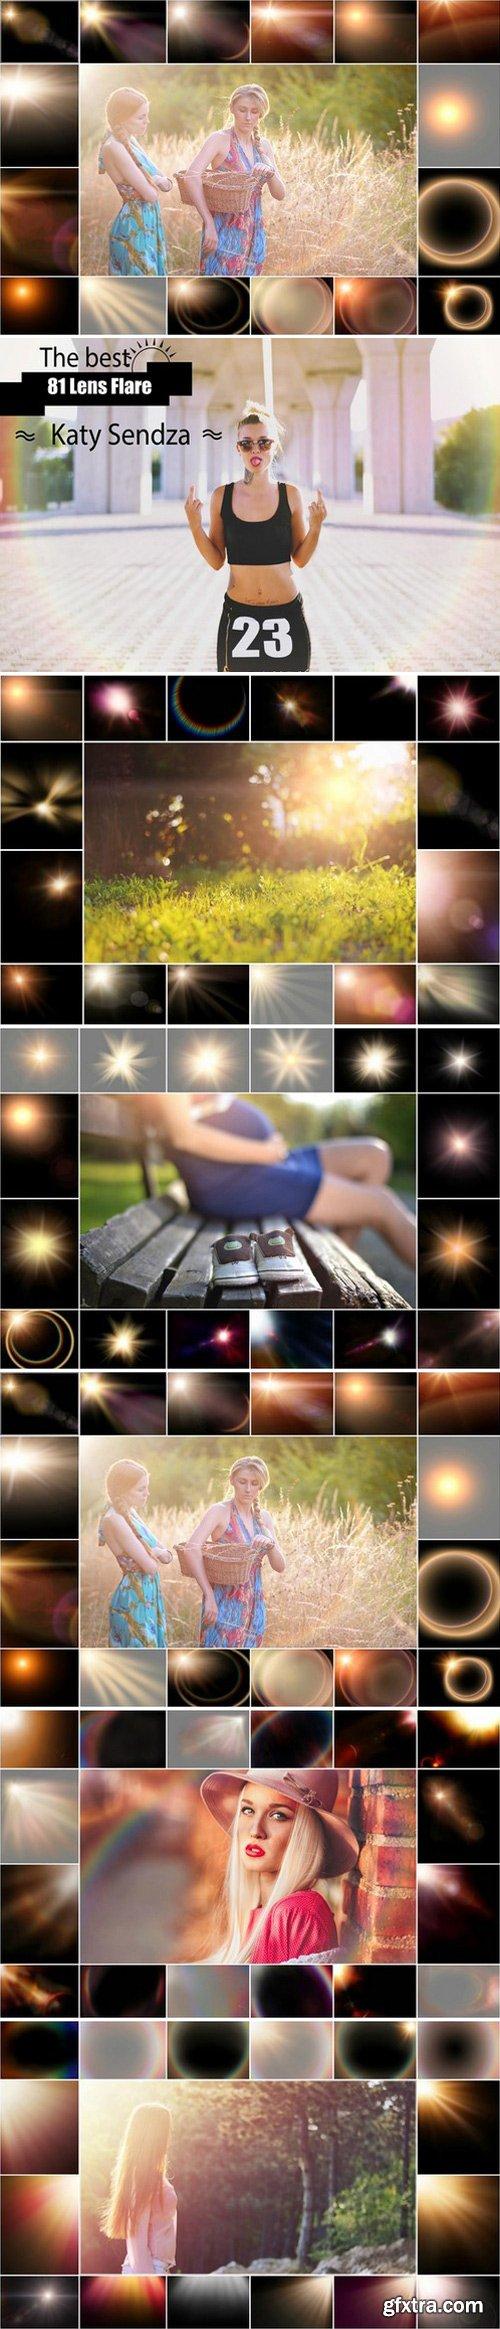 CM - Lens Flare 81 430466